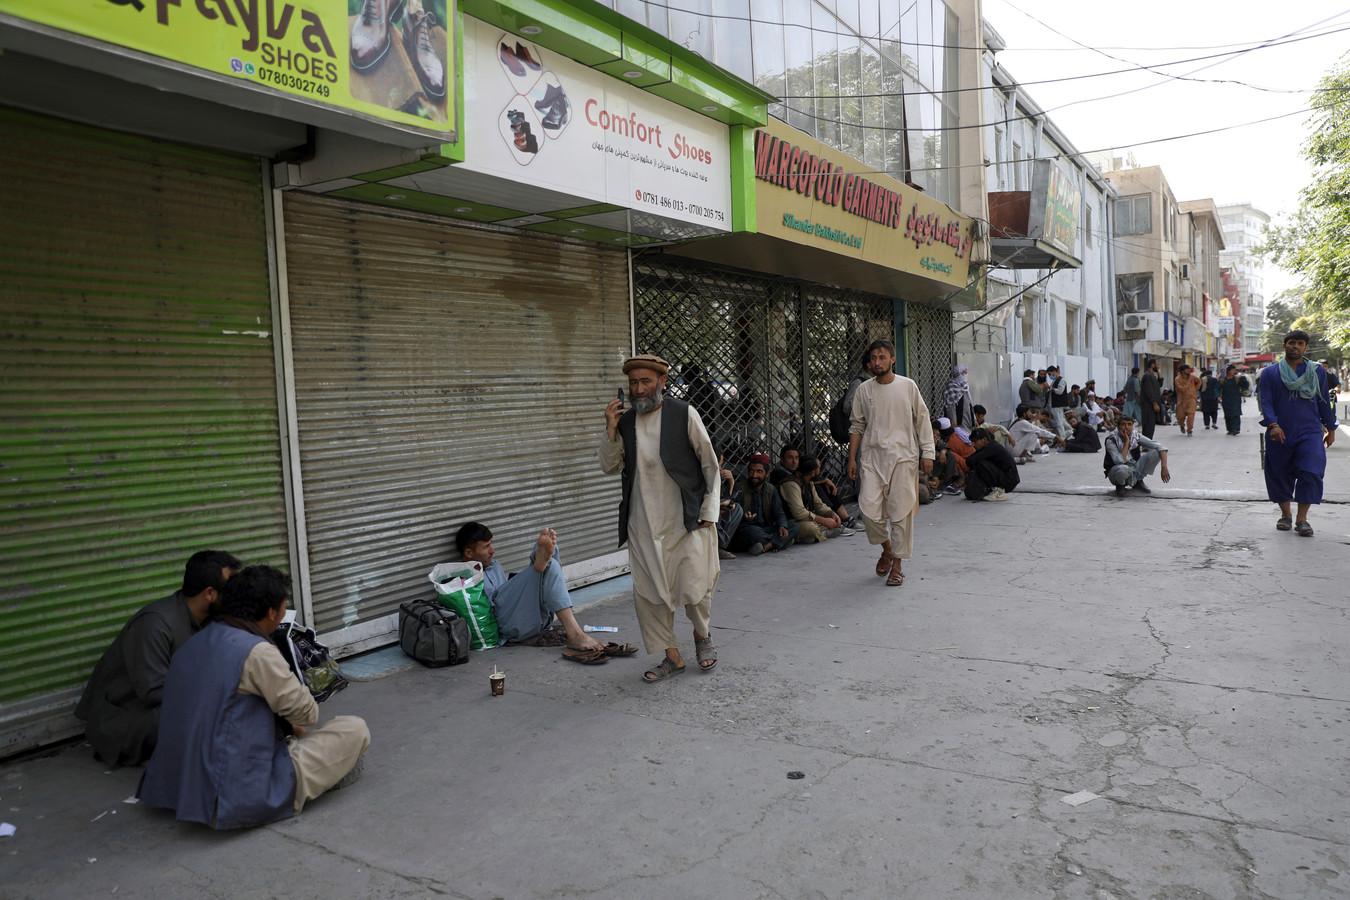 Afghanen in een winkelstraat waar veel uitbaters besloten hebben om hun zaak te sluiten.